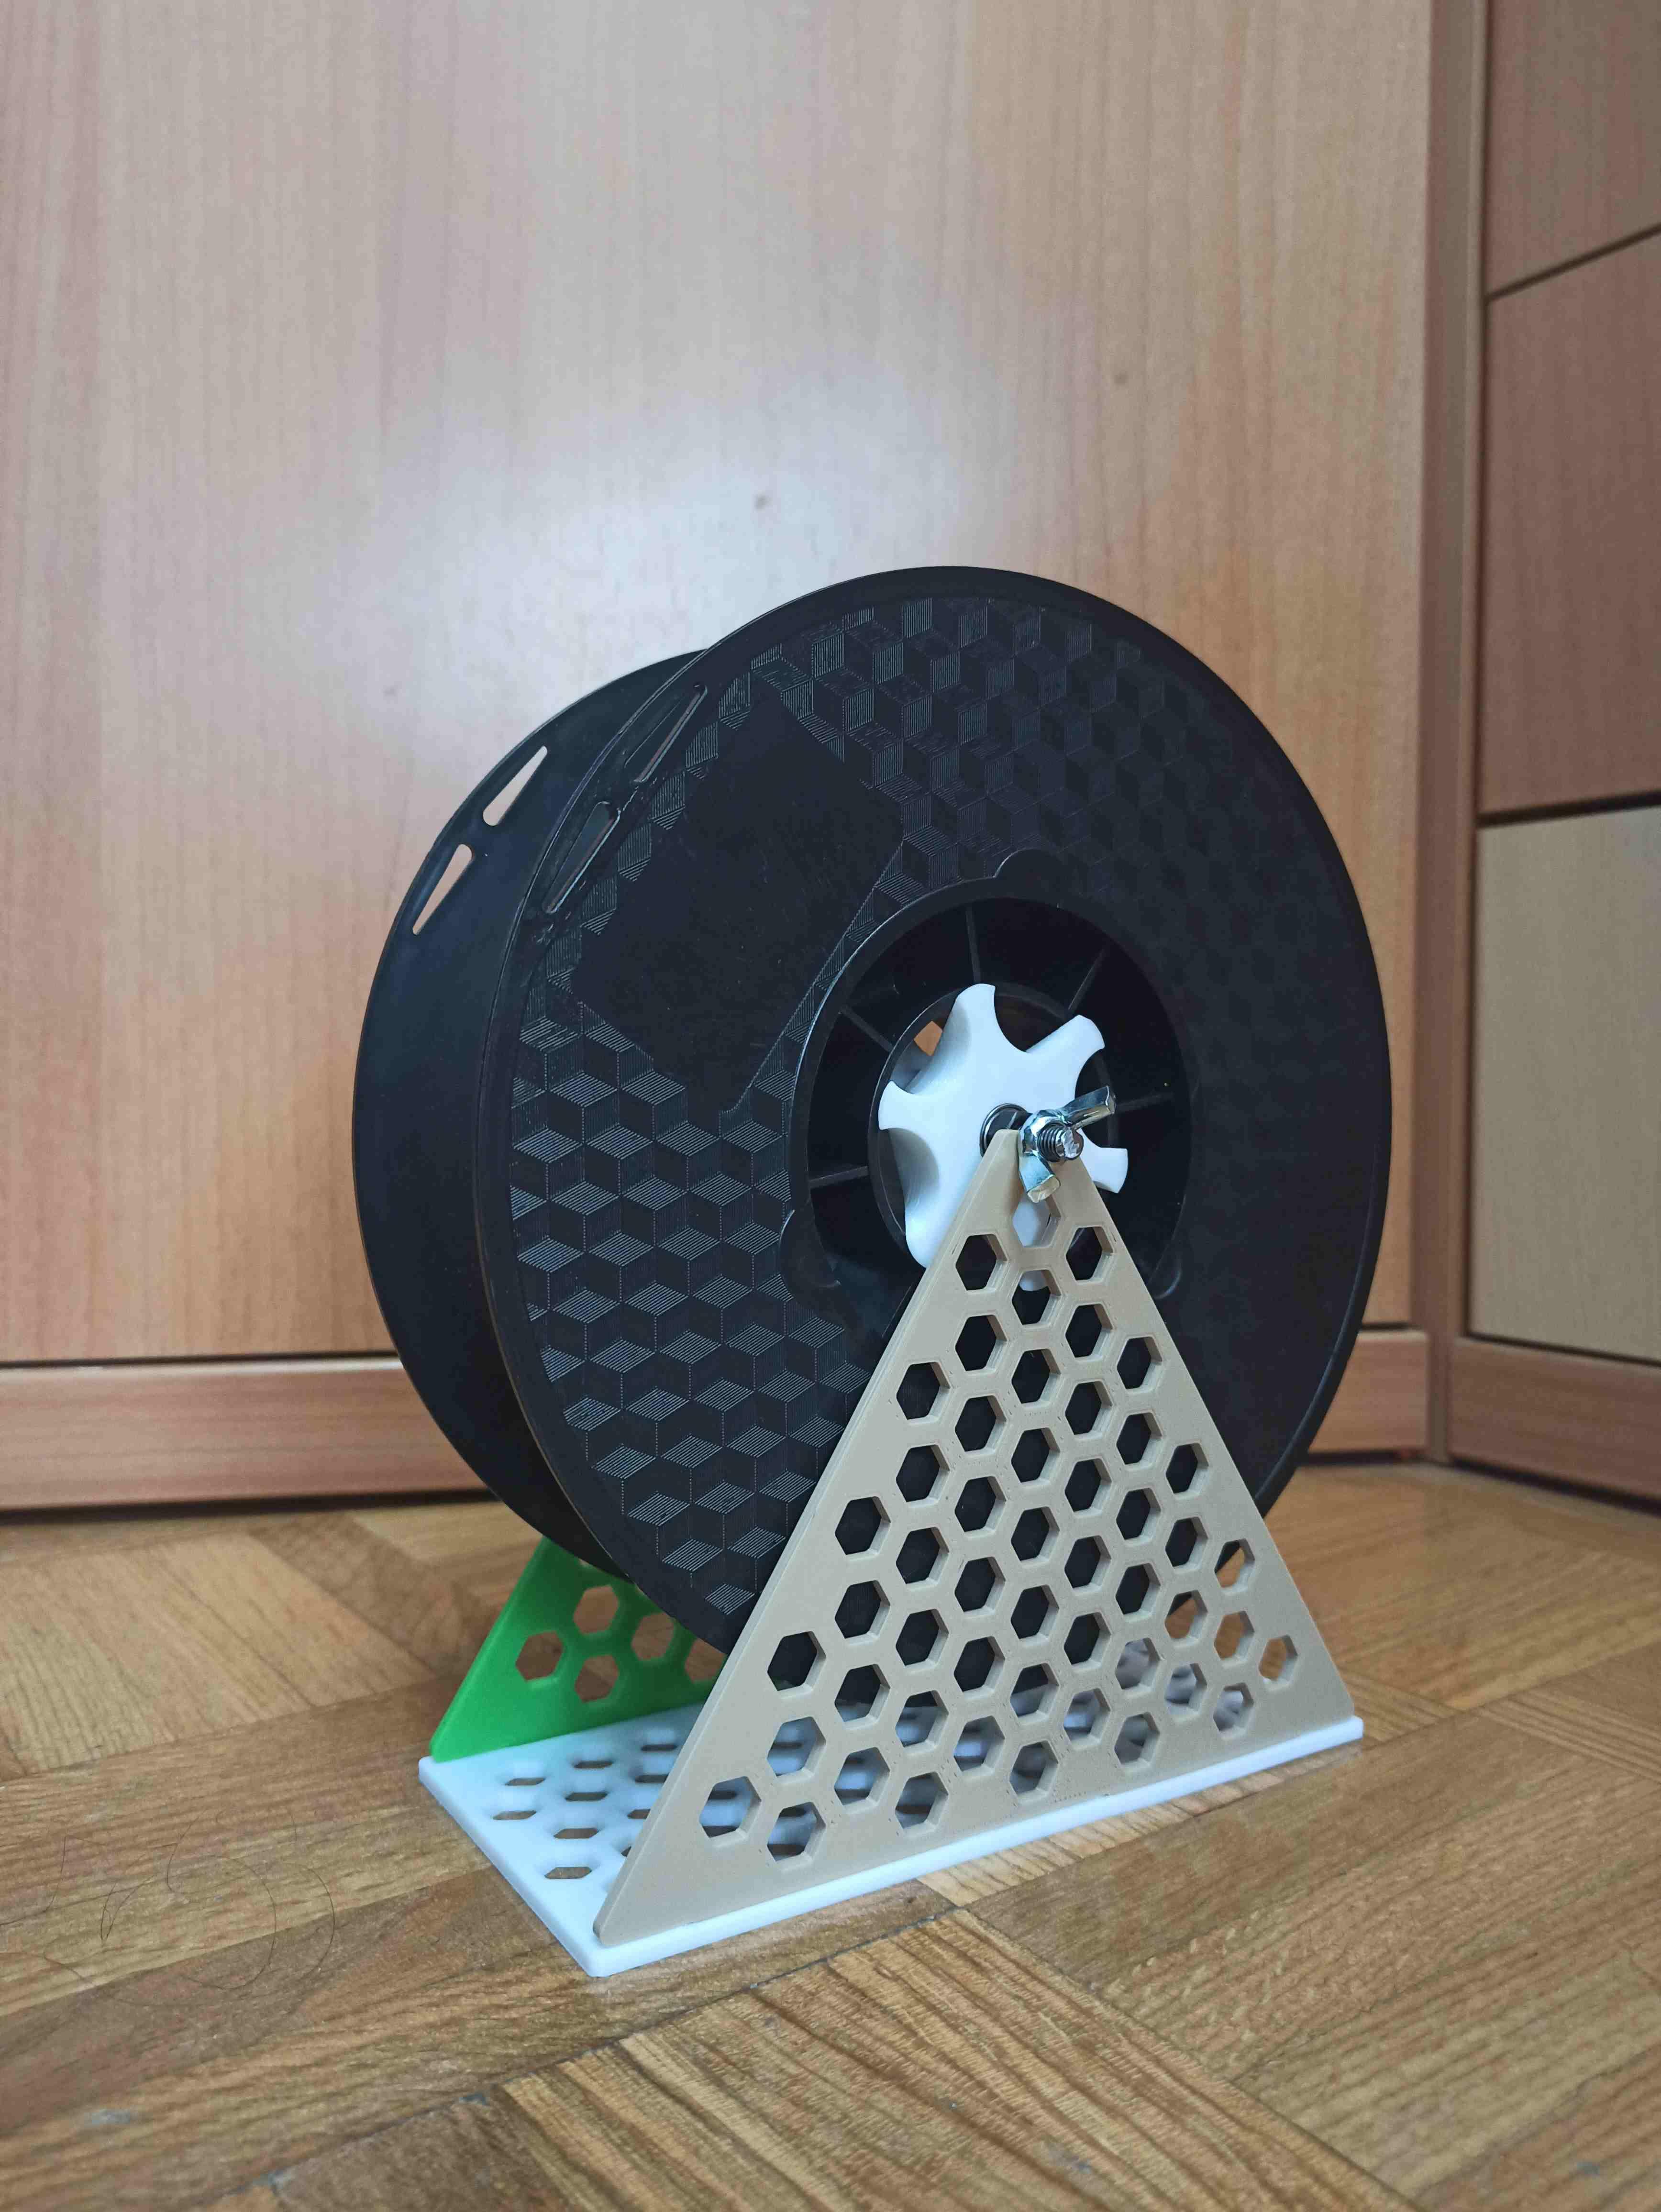 image-0-compressed.jpg Télécharger fichier STL gratuit Soporte rollos filamento / Porte-bobine • Plan à imprimer en 3D, adrihernan107